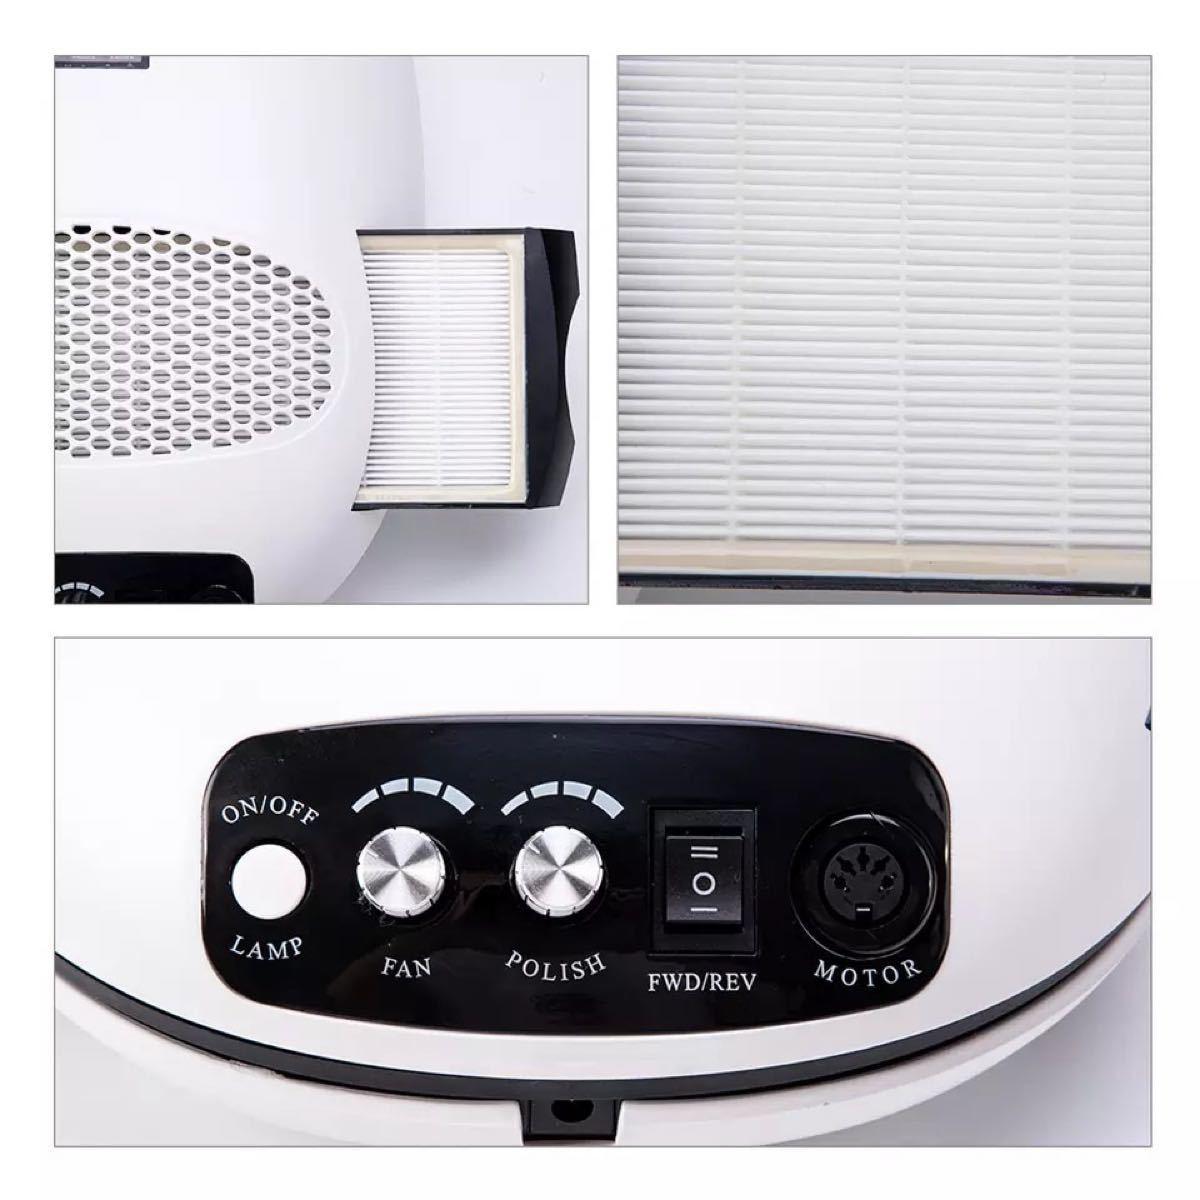 ネイルマシン 3in1 ネイルマシーン 多機能 ネイルライト ネイルドリル クリーナー 集塵機 甘皮処理 ジェルオフ ケア ビット